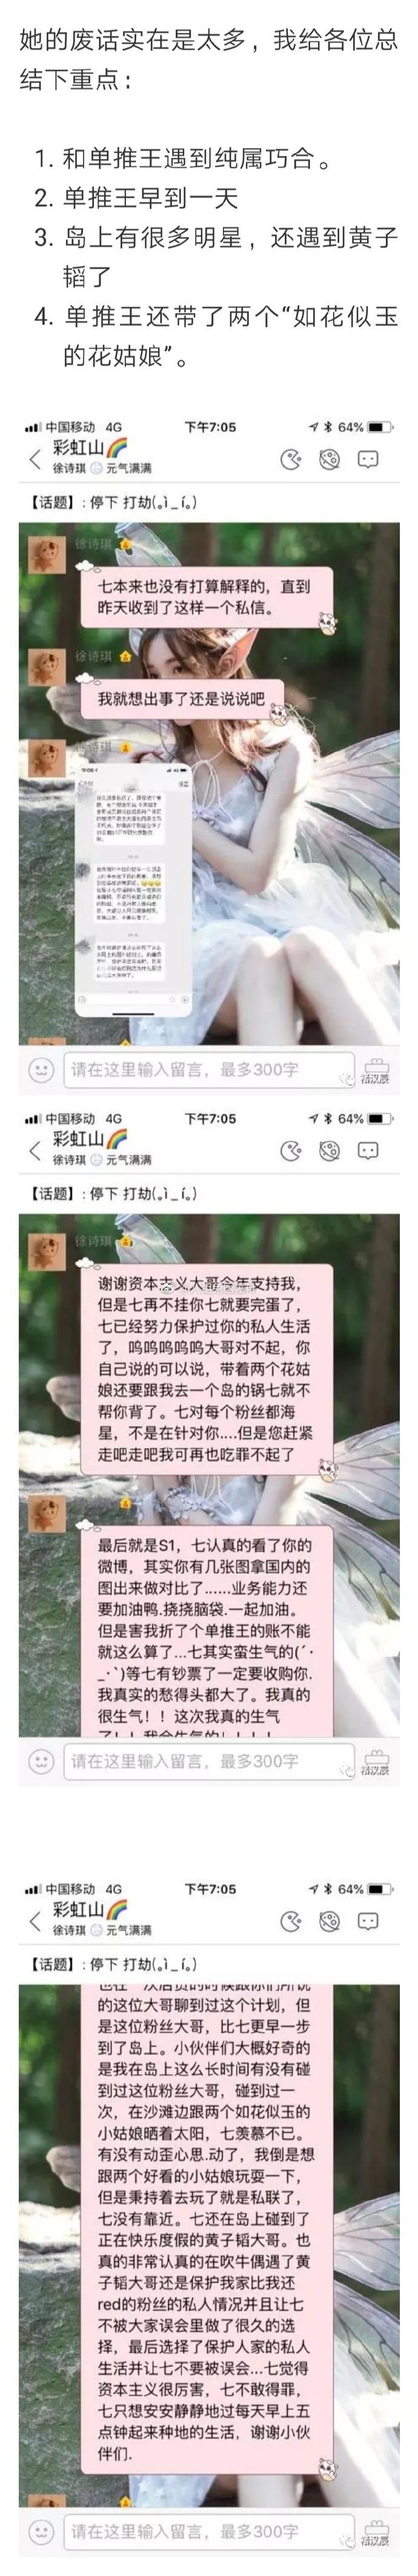 """飯圈福爾摩斯""""破案""""記 SNH48徐詩琪撒謊被戳穿"""